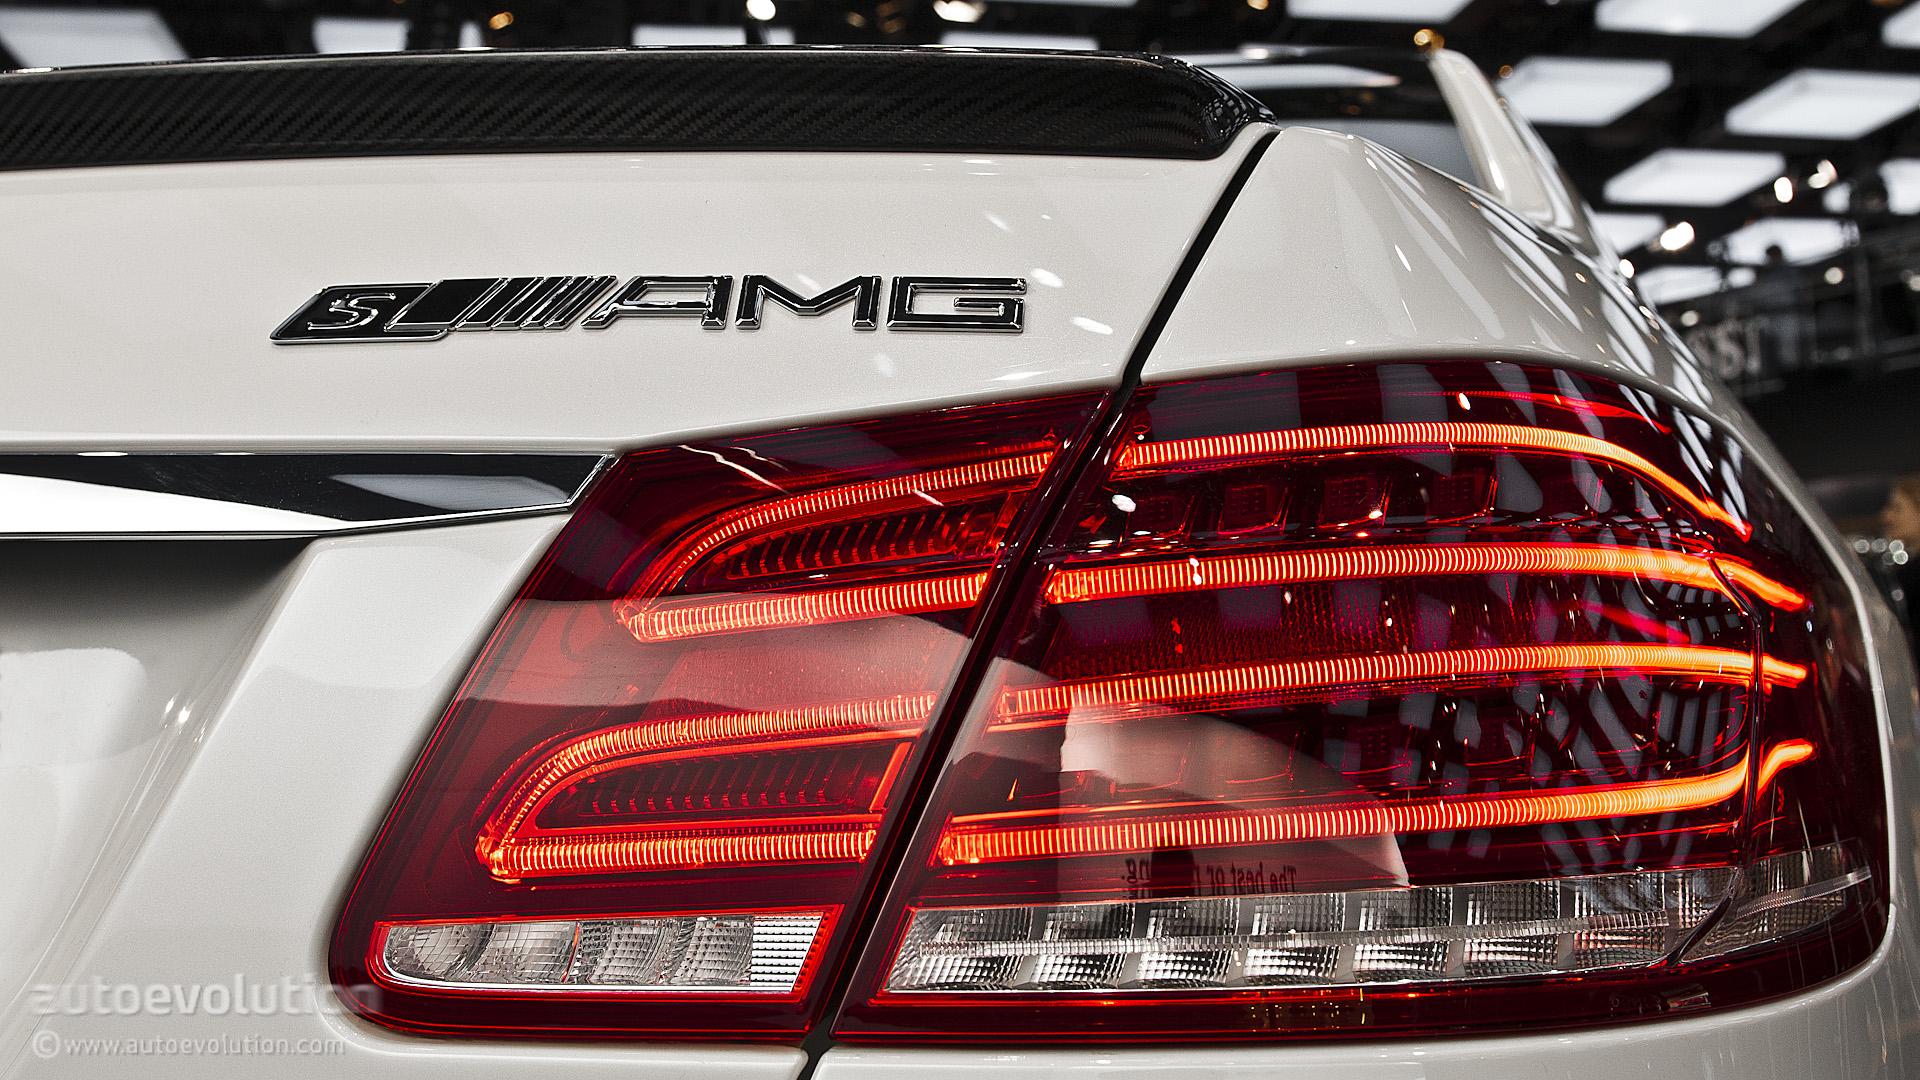 Car Wheel Hd Wallpaper 2013 Naias Mercedes Benz E63 Amg S 4matic Live Photos